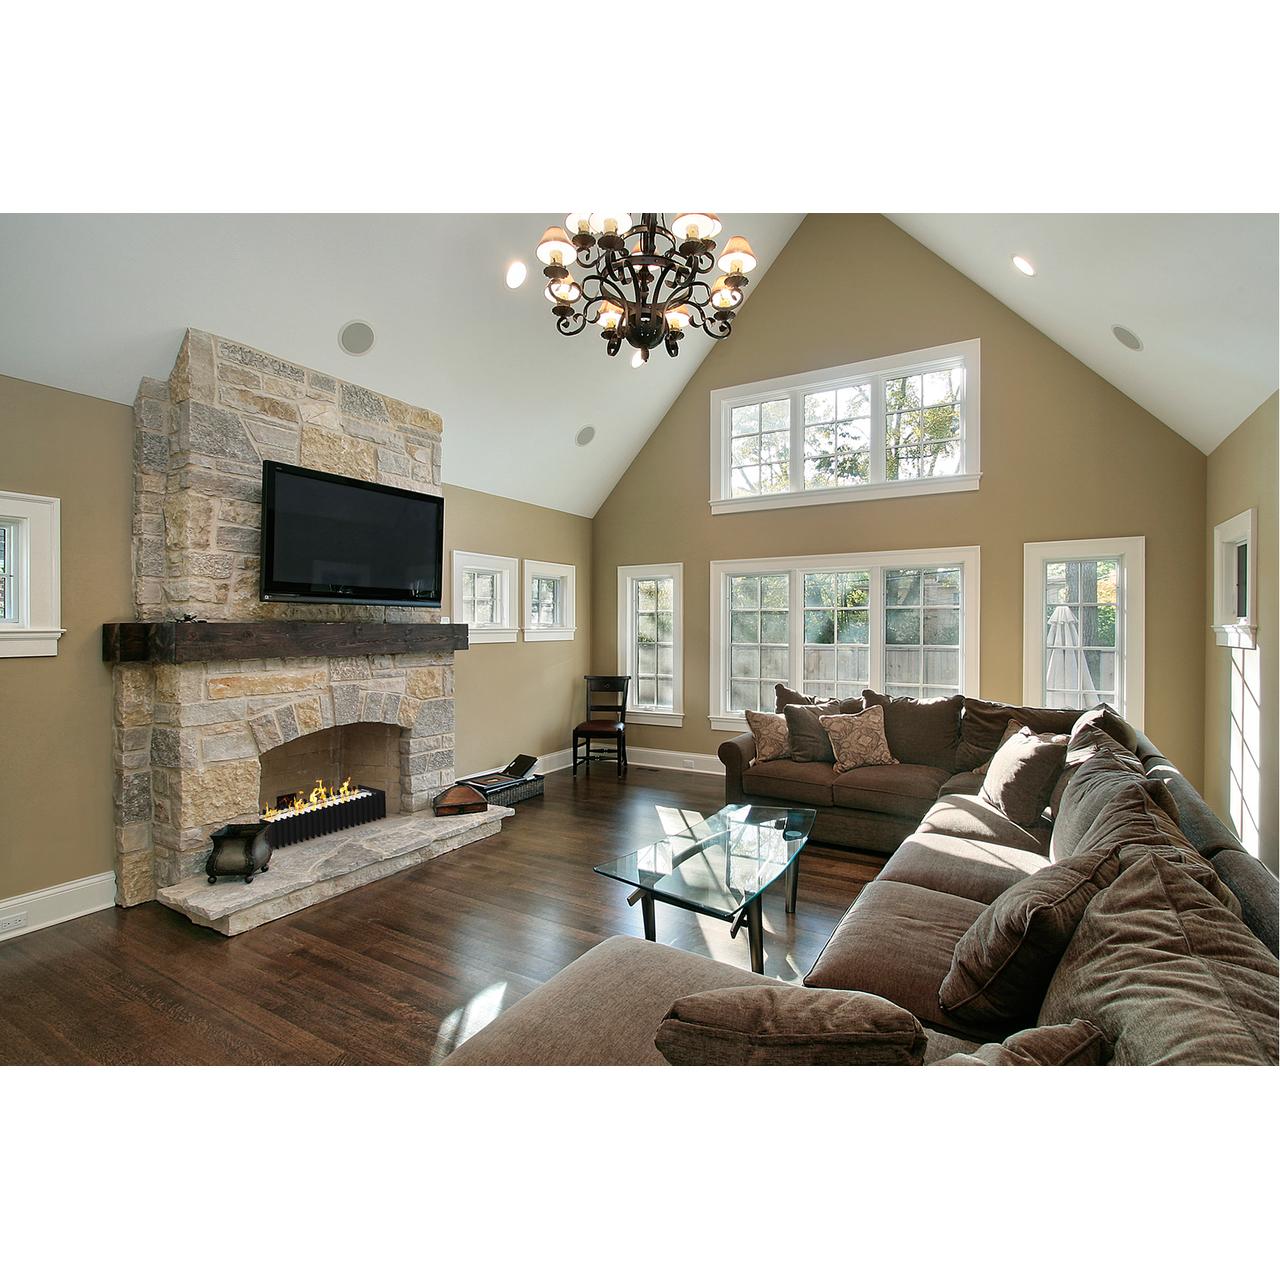 pro 24 in ventless bio ethanol fireplace grate burner insert 4 8 liter. Black Bedroom Furniture Sets. Home Design Ideas